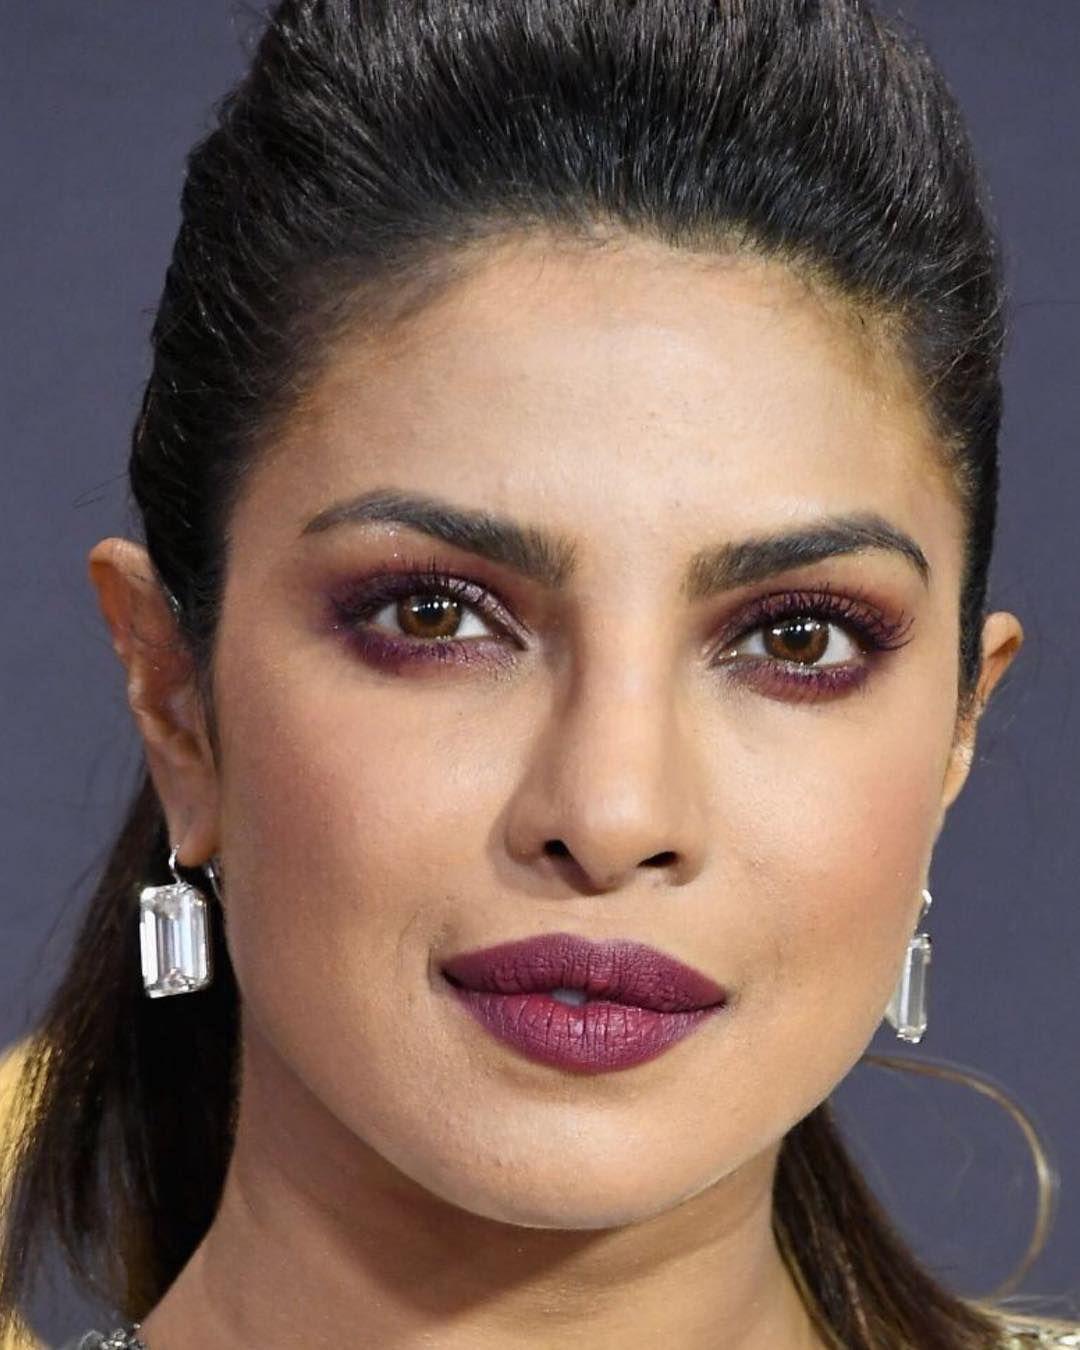 Pin by Rahul on Lip lipstick Priyanka chopra makeup